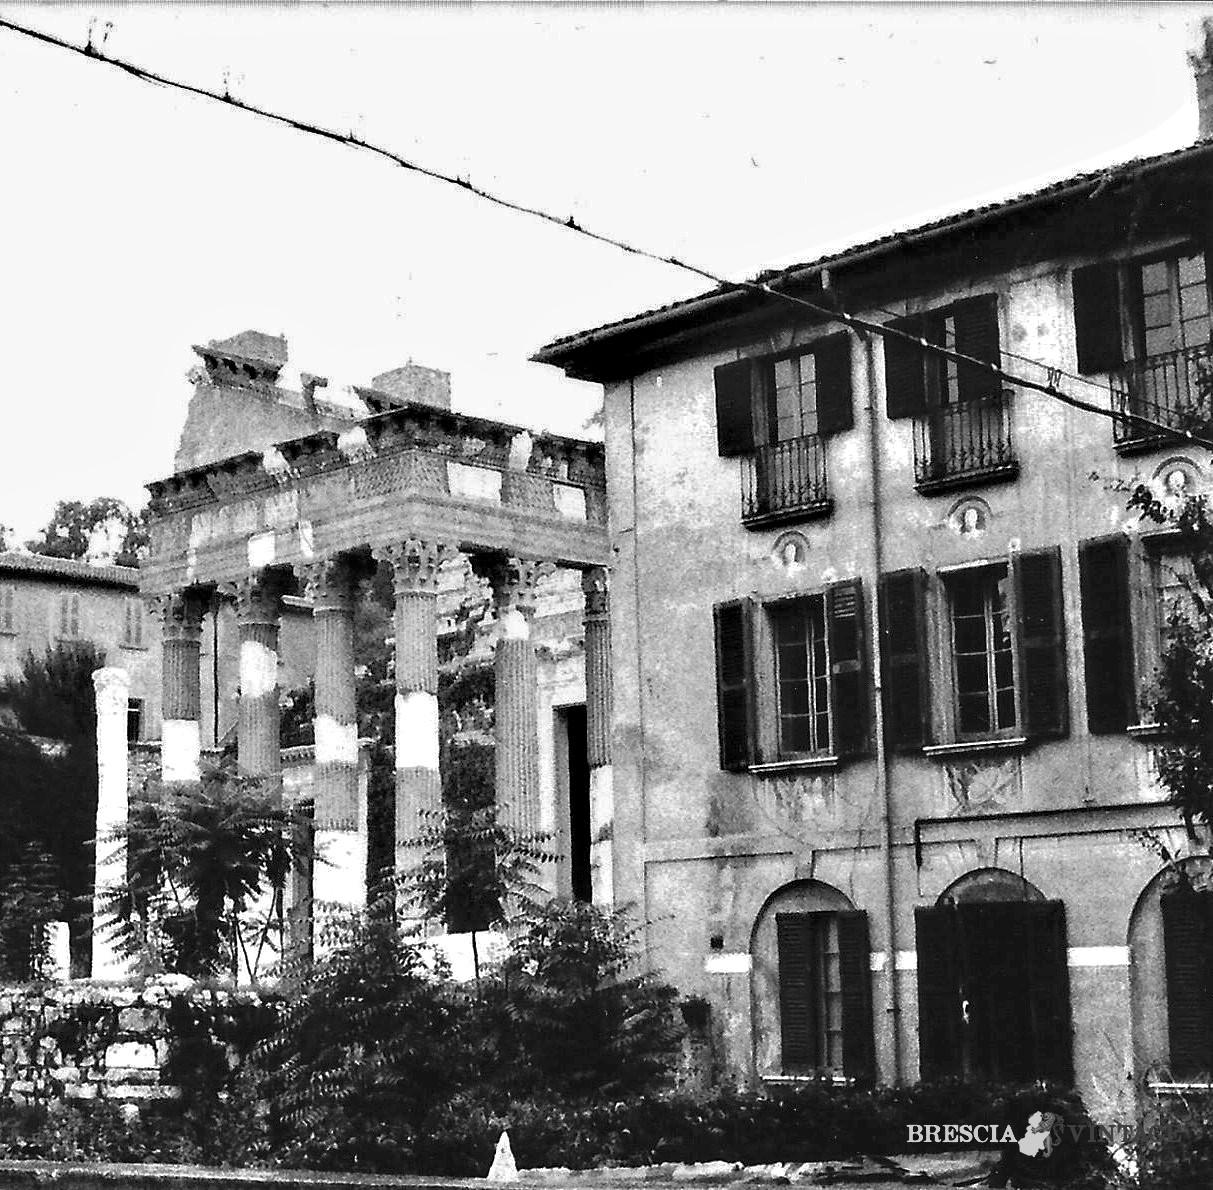 La scuola media del fontanone e il capitolium 1954 for Scuola moda brescia